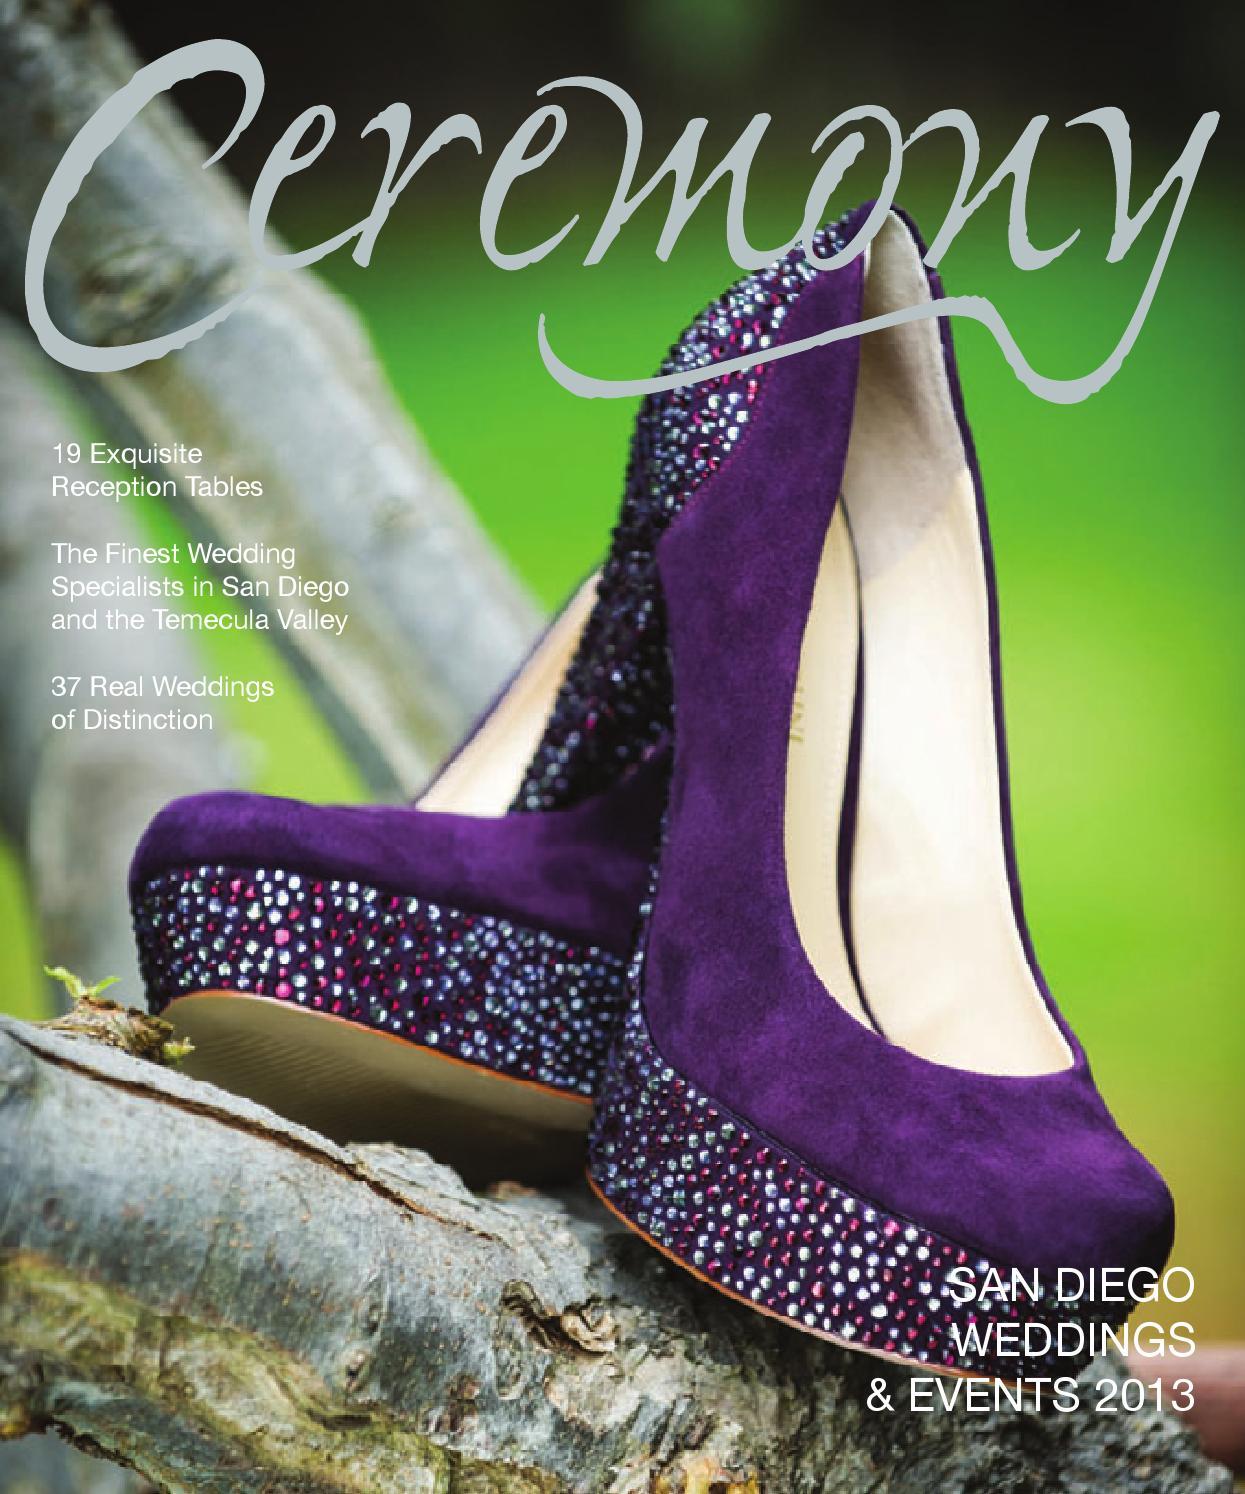 7fe985019f24 Ceremony Magazine 2013 San Diego by Ceremony Magazine - issuu